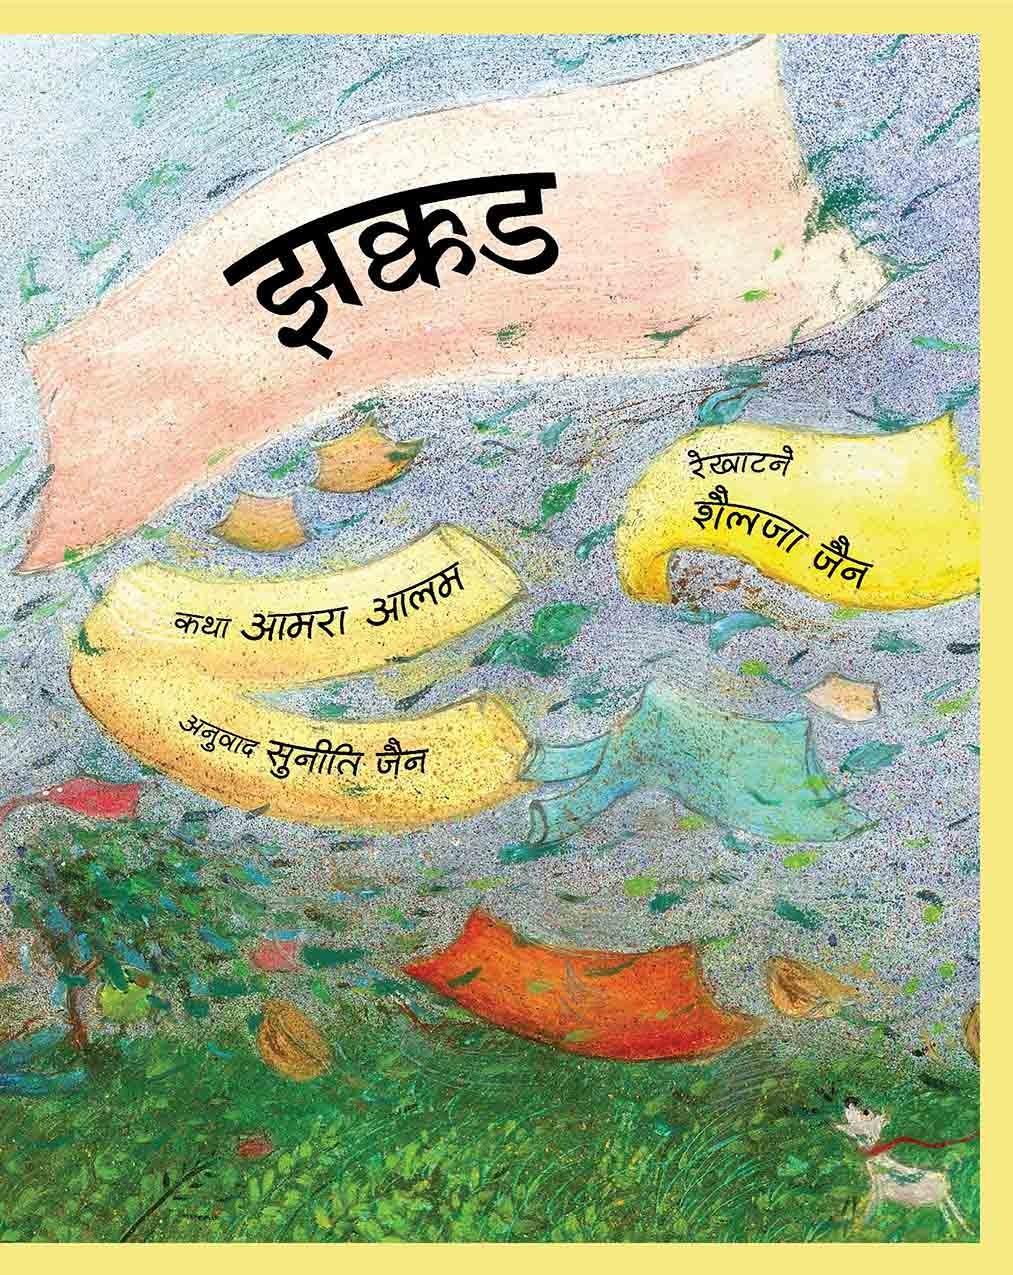 Jhakkad (Marathi)